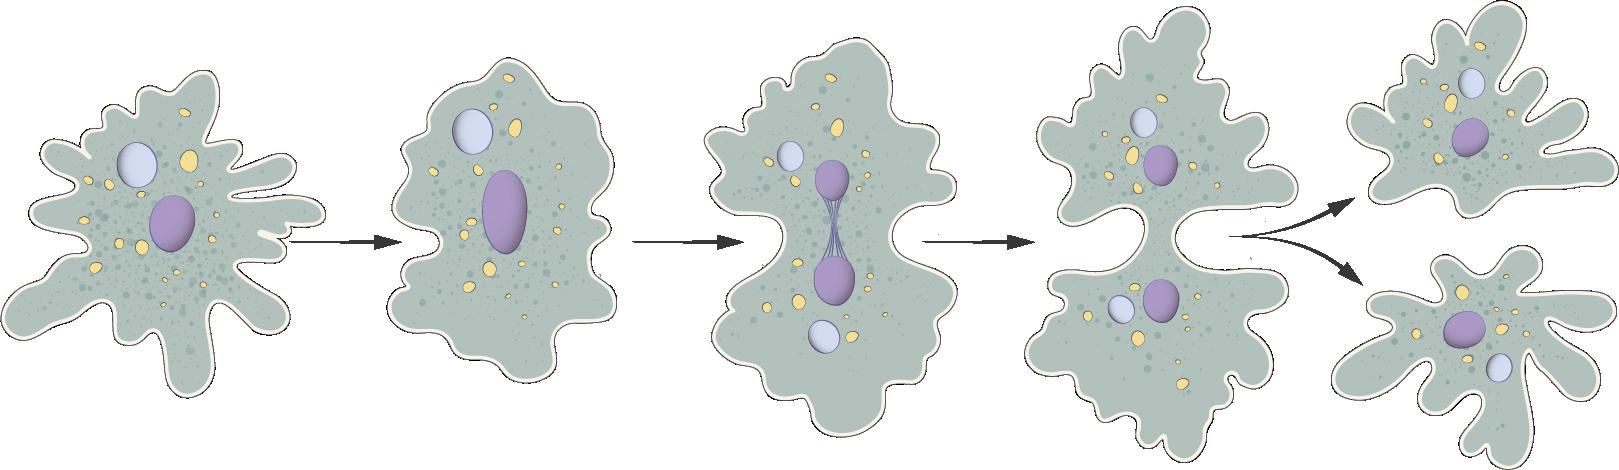 Митотическое деление амебы